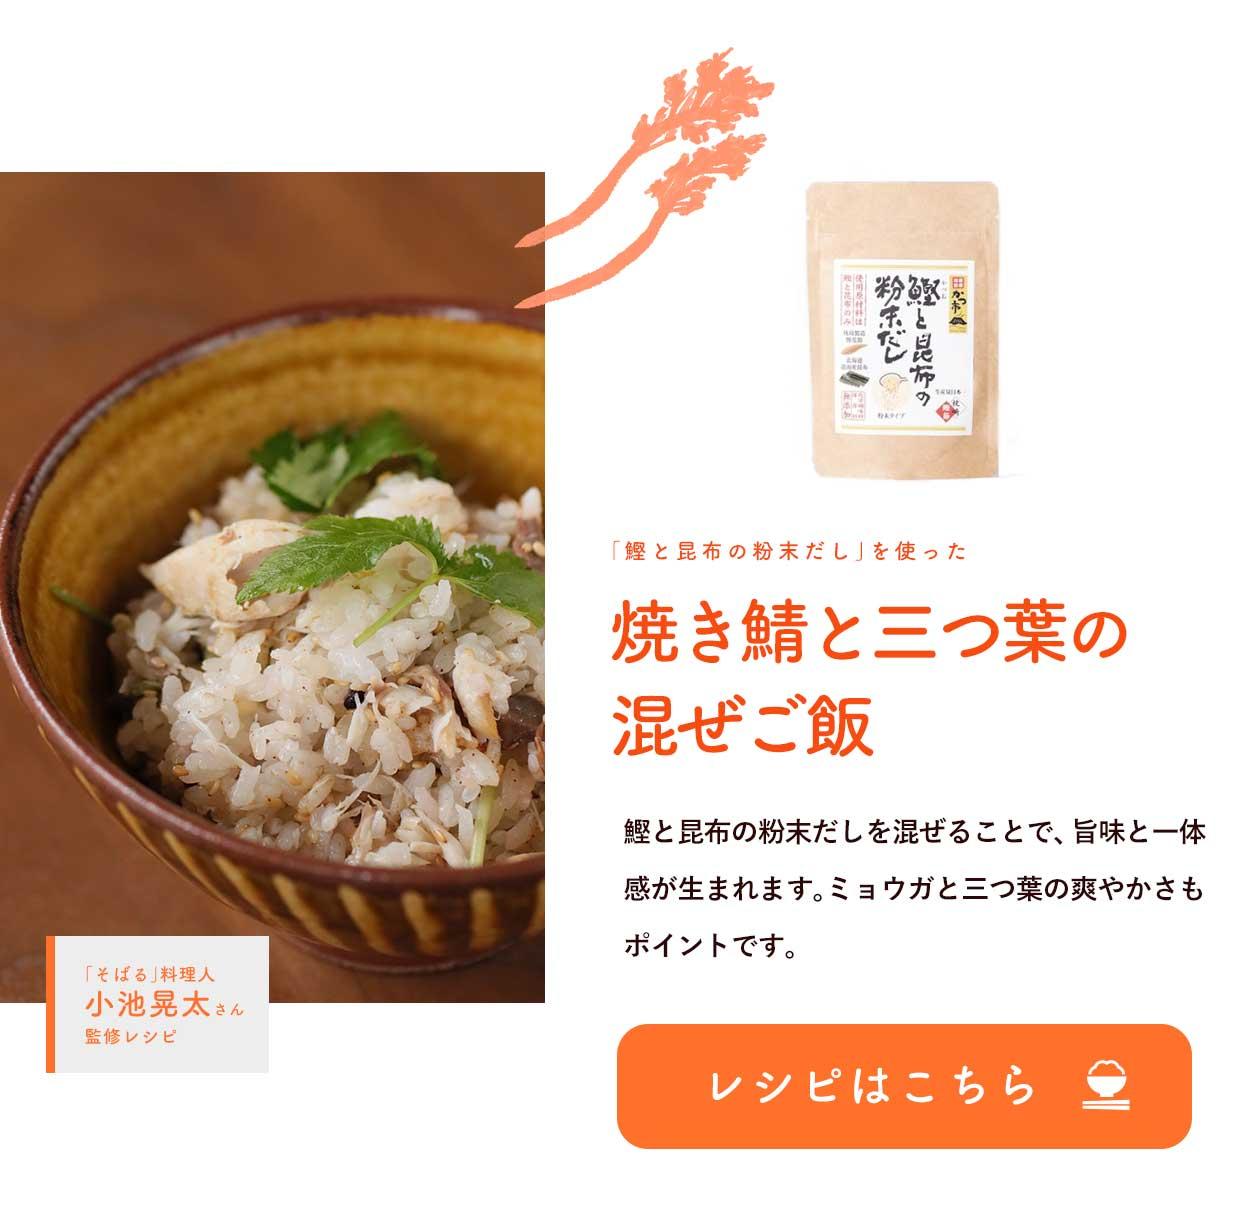 焼き鯖と三つ葉の 混ぜご飯のレシピ